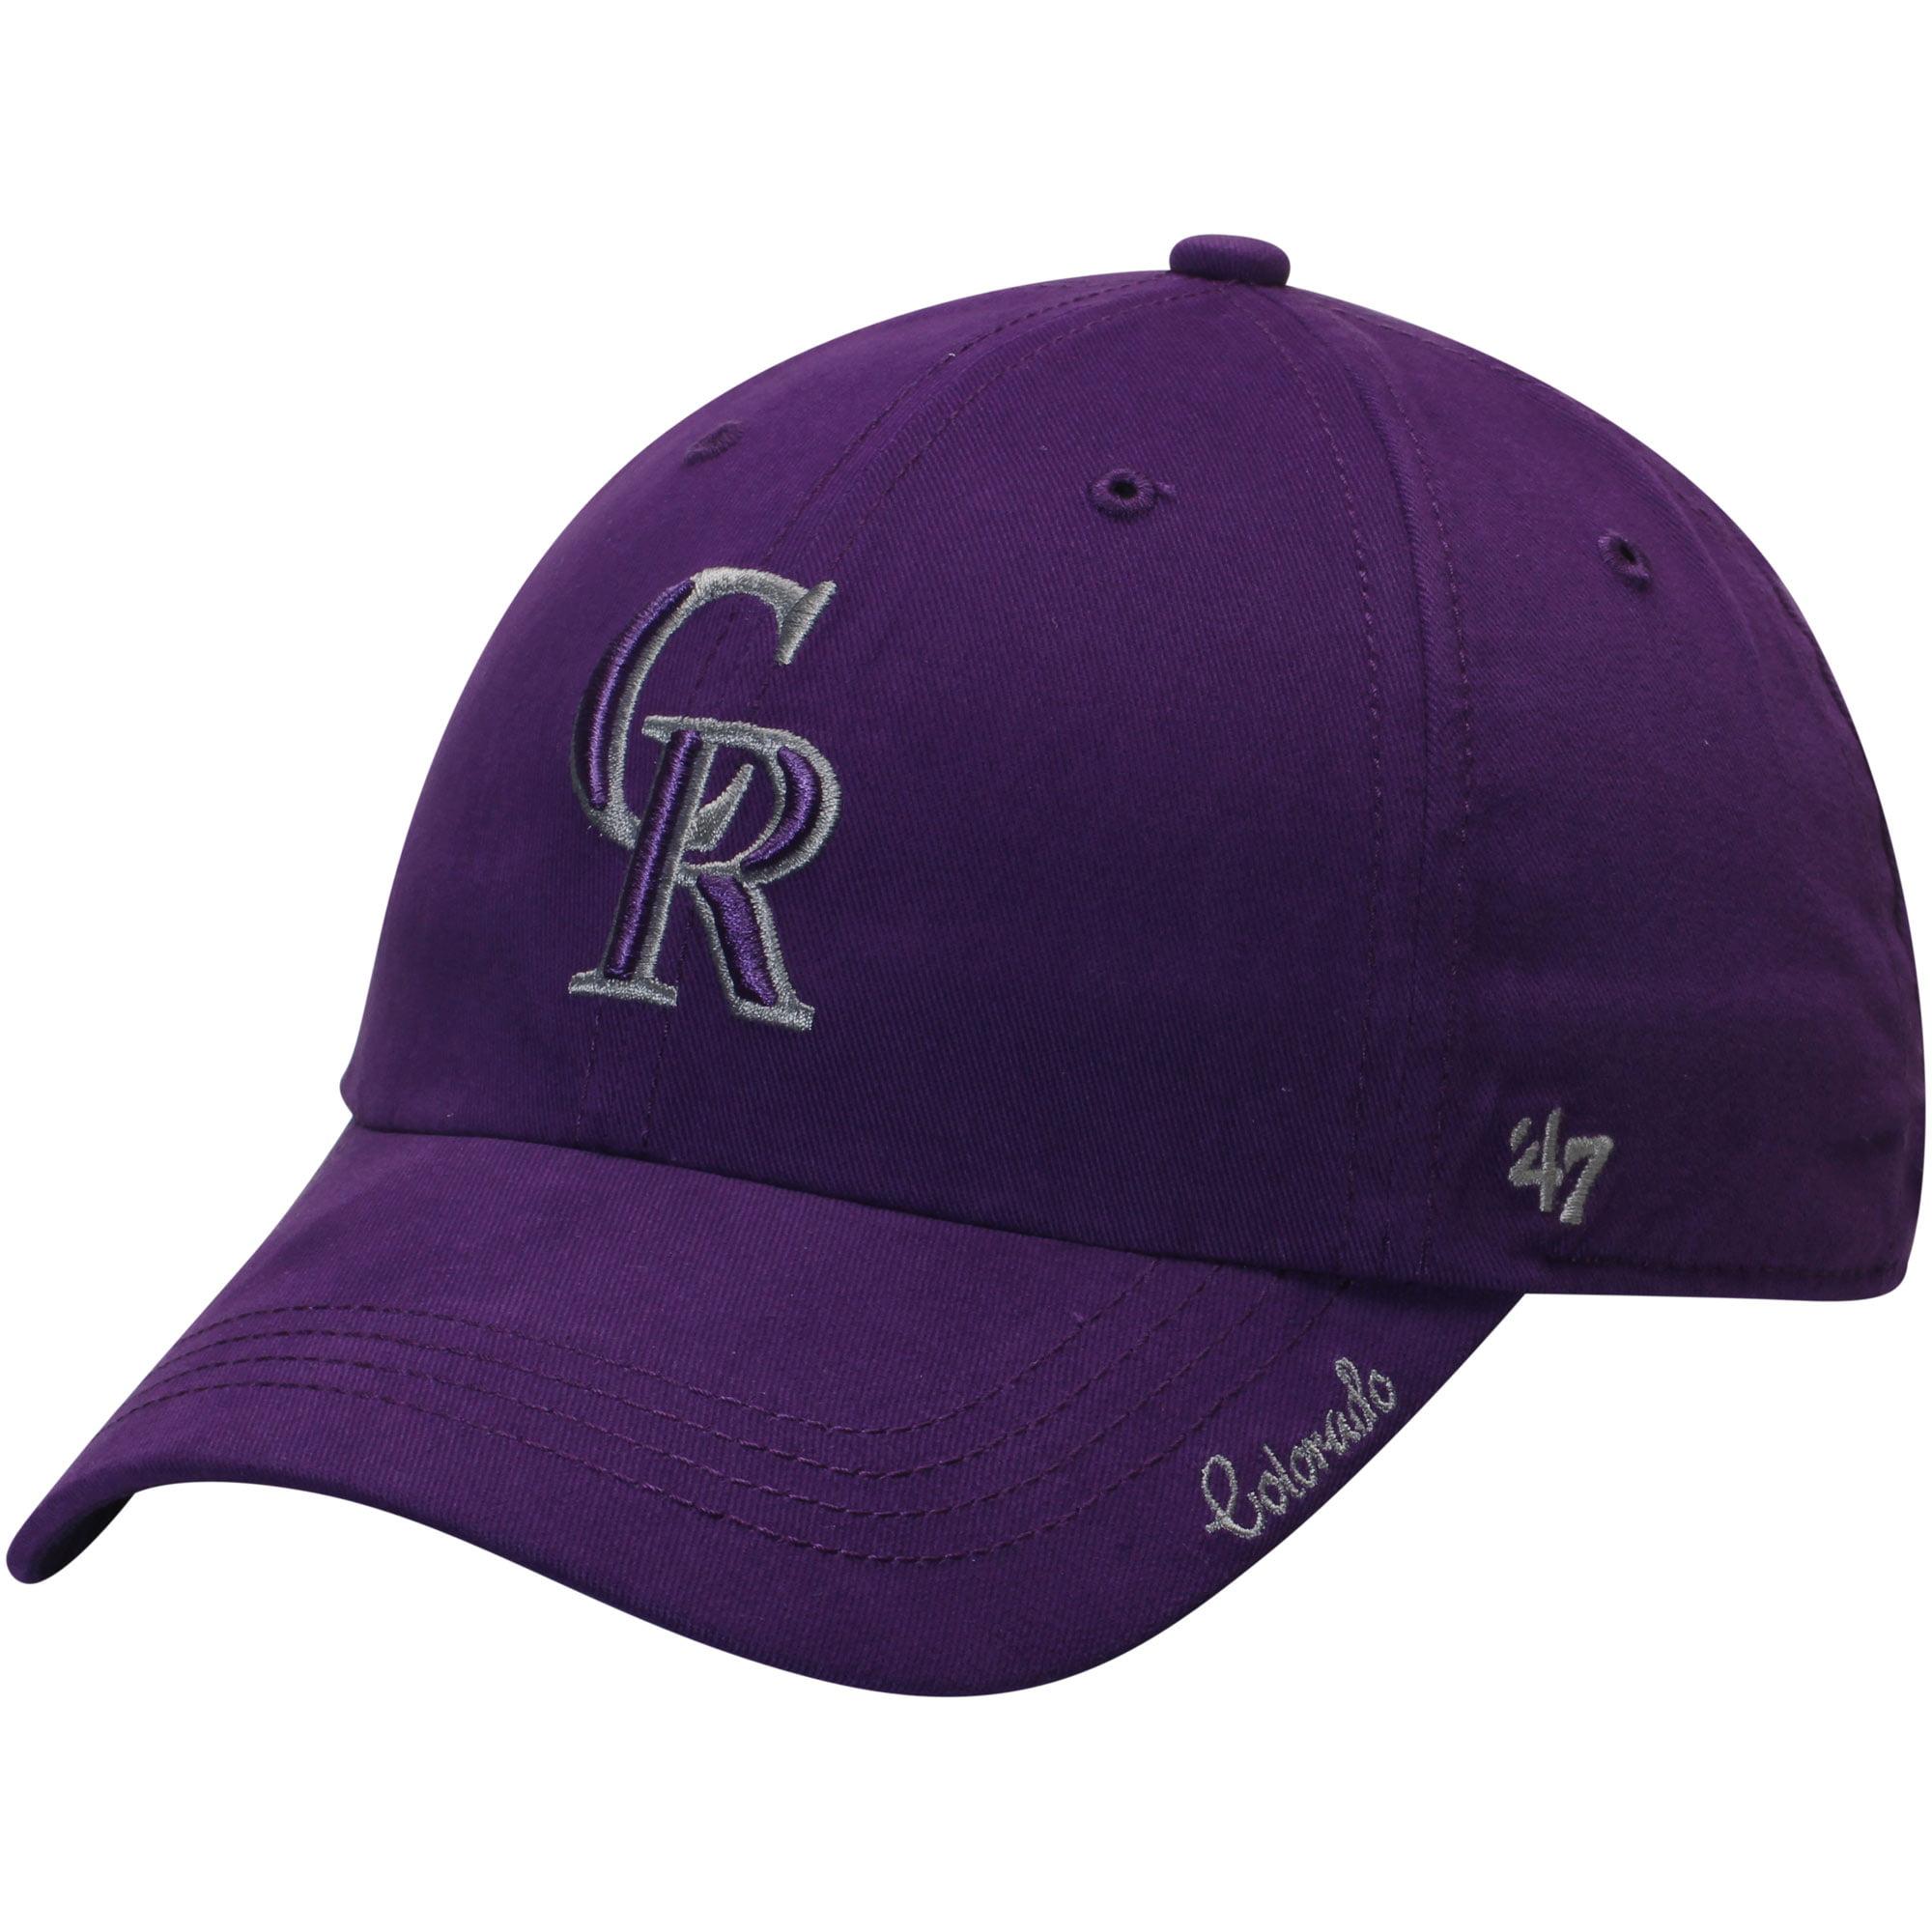 Colorado Rockies '47 Women's Miata Clean Up Adjustable Hat - Purple - OSFA